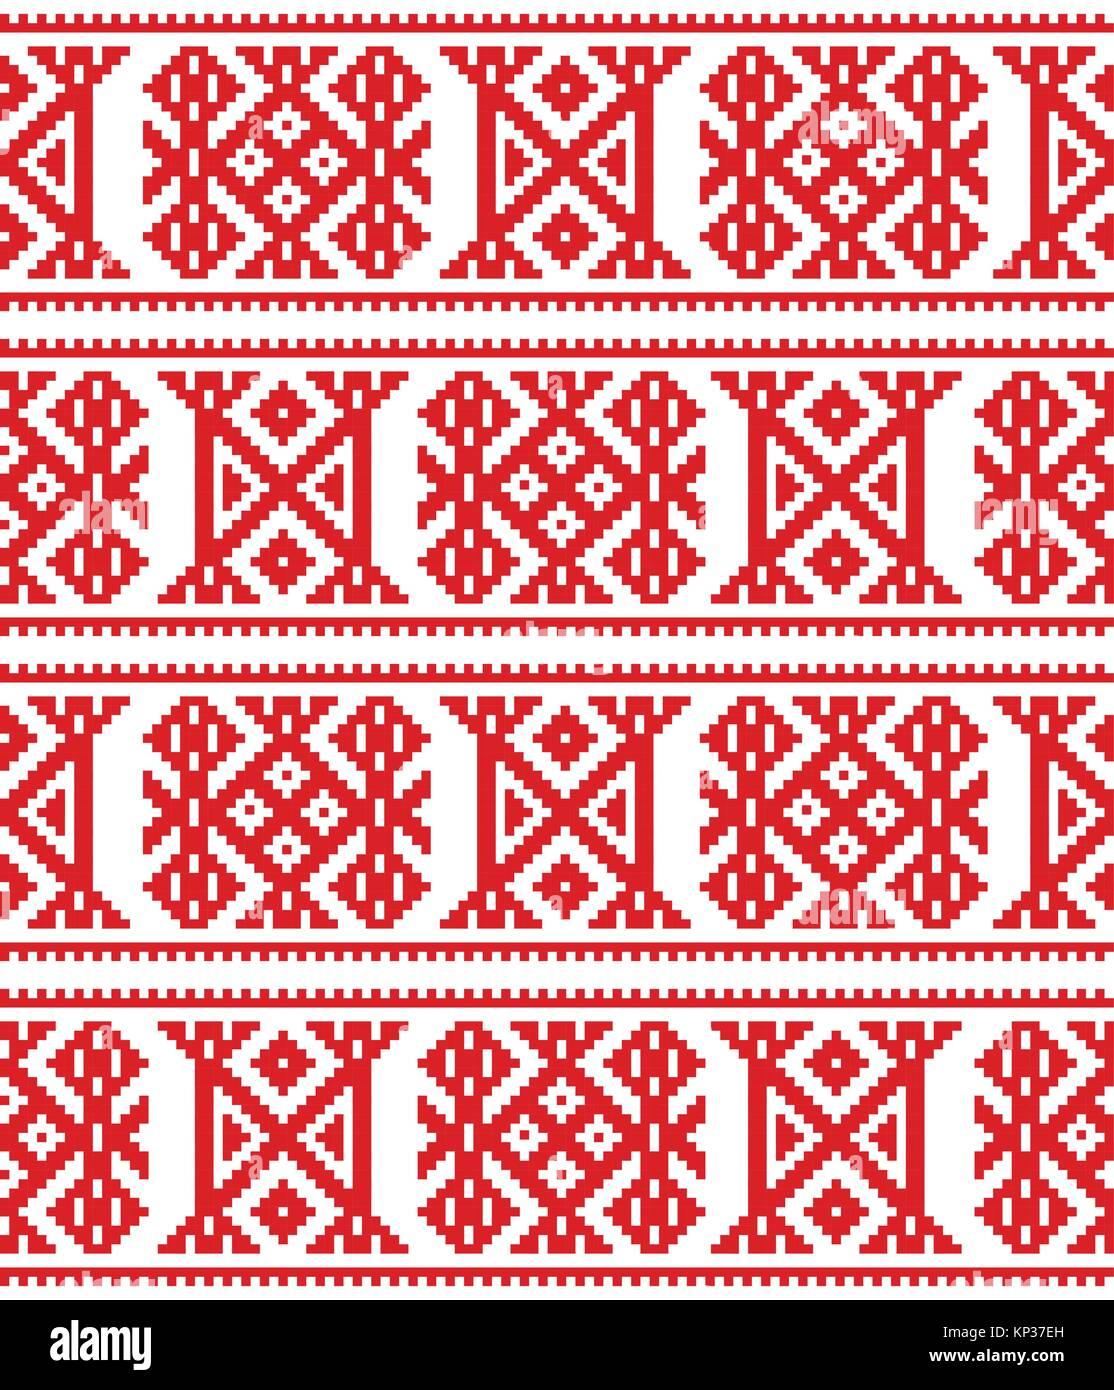 L Art Du Point De Croix design vectoriel continu sami de laponie, du point de croix